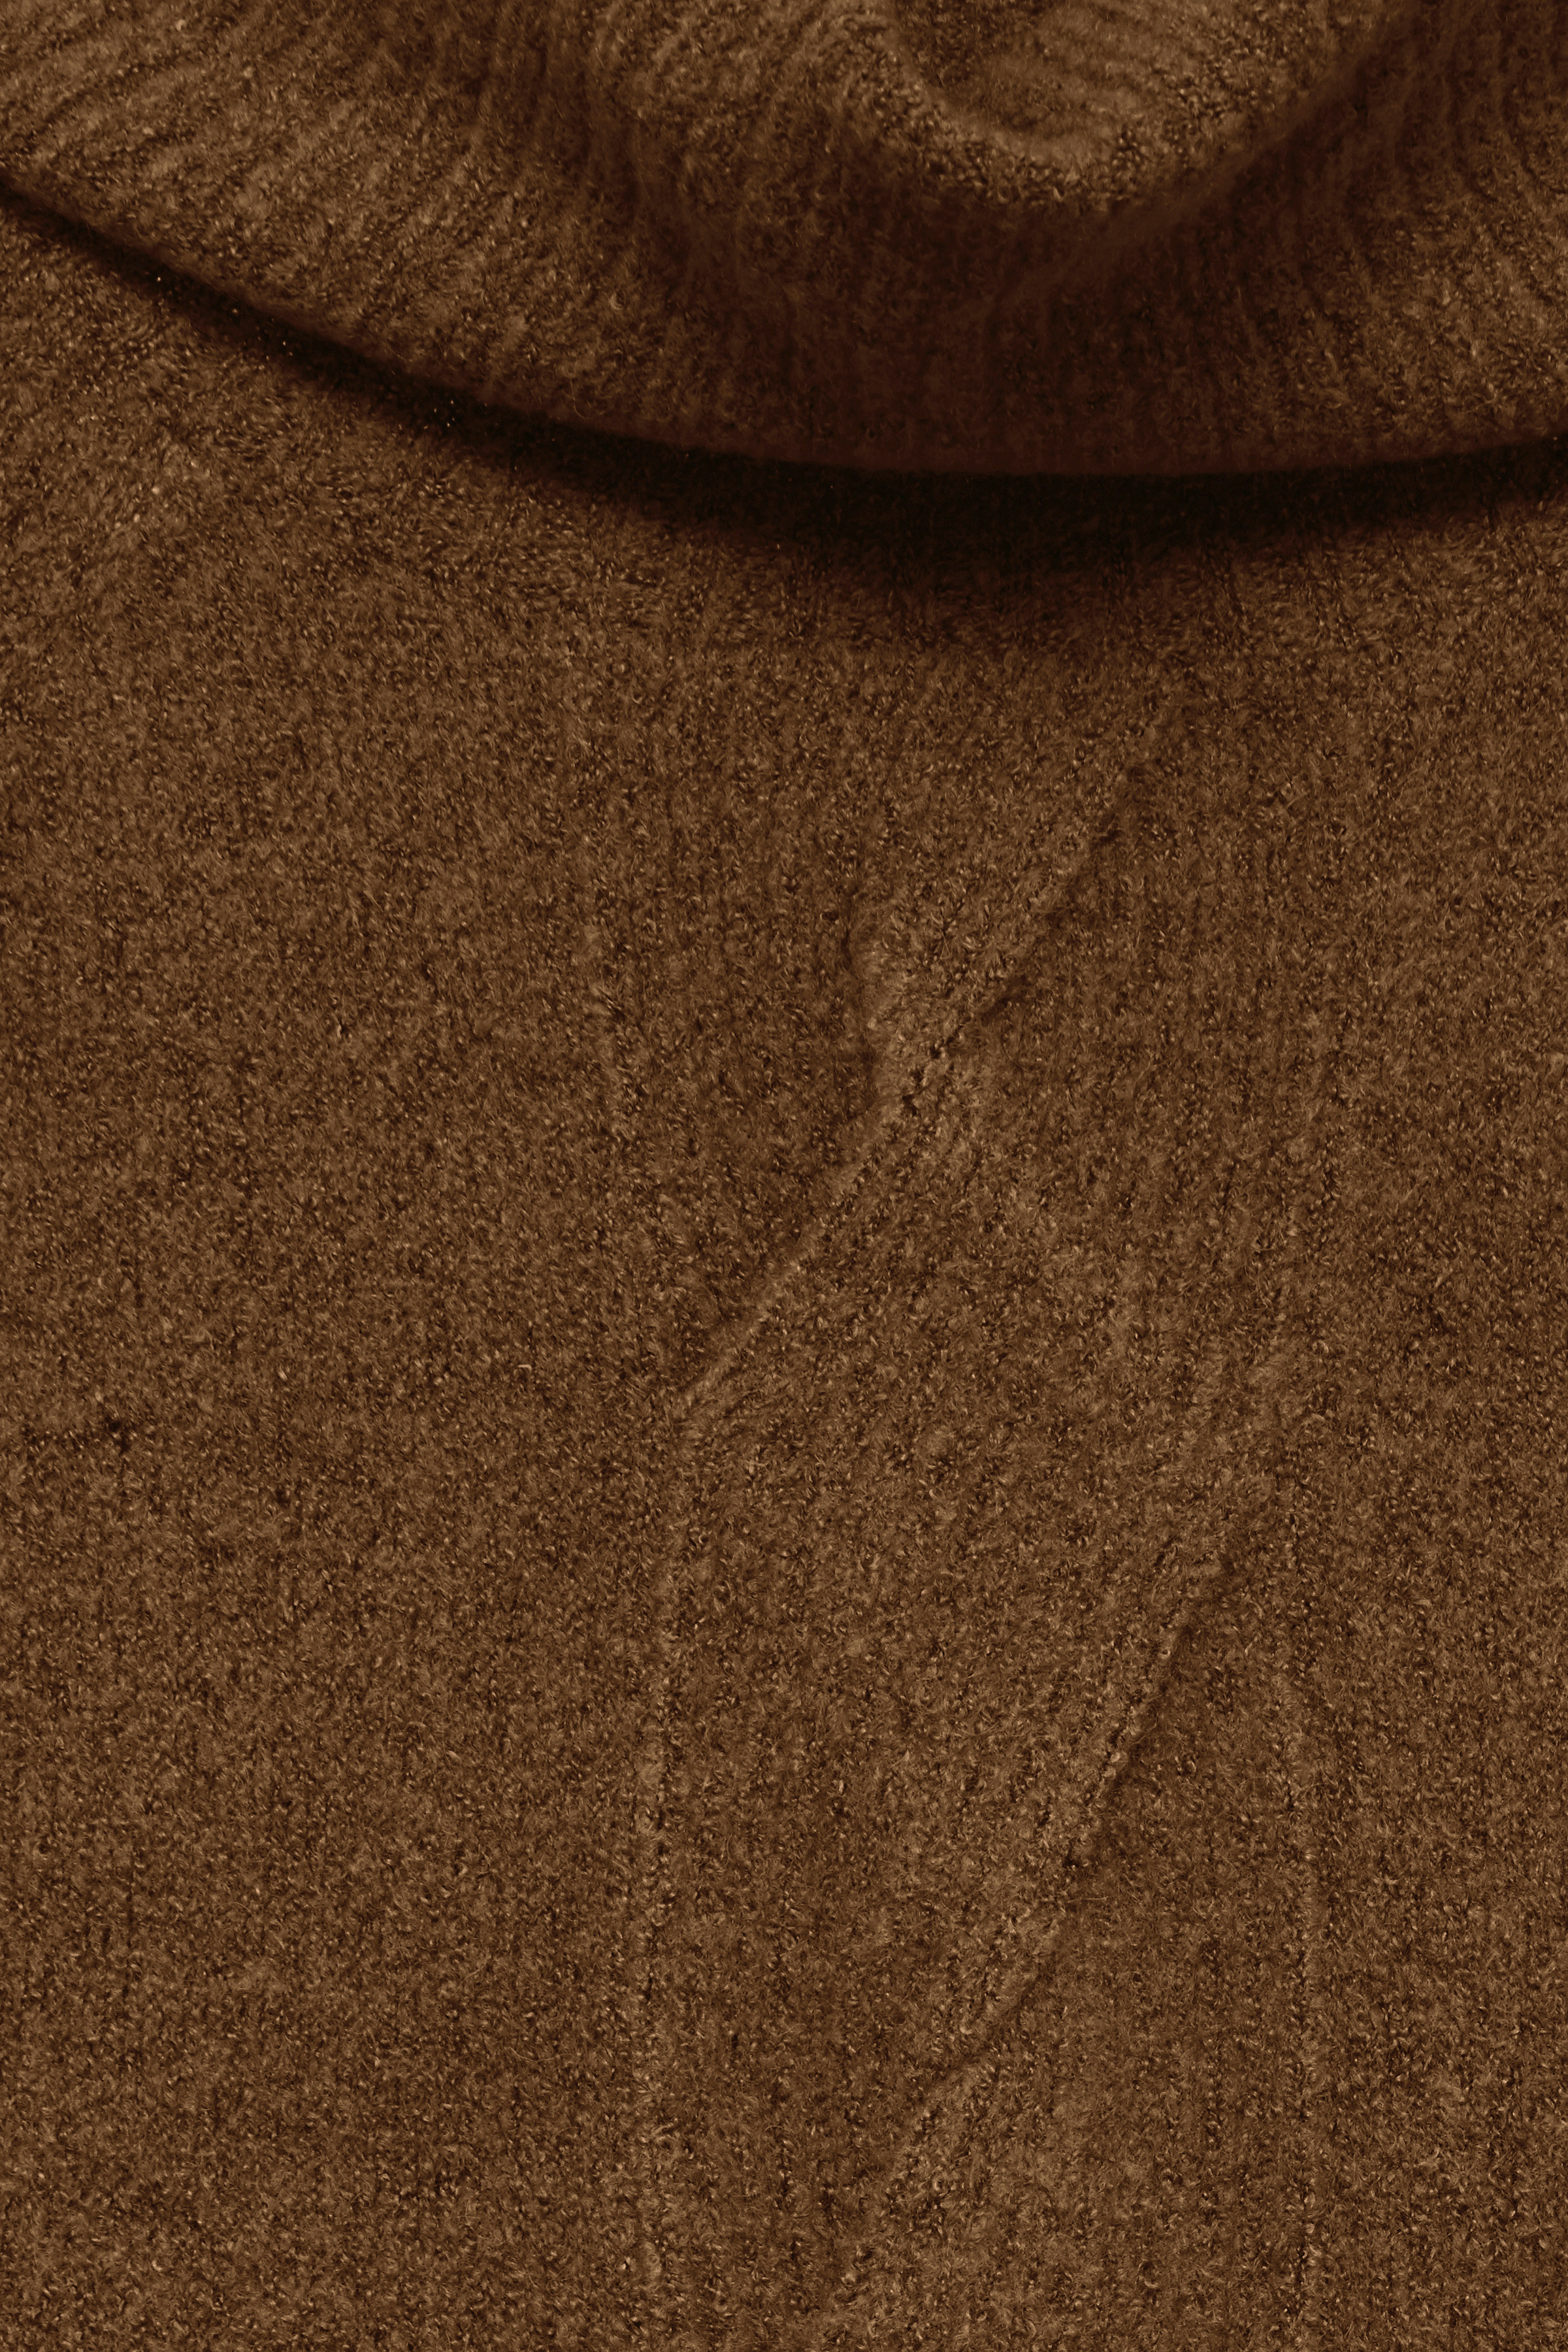 Cognac Strickpullover von b.young – Shoppen Sie Cognac Strickpullover ab Gr. XS-XXL hier